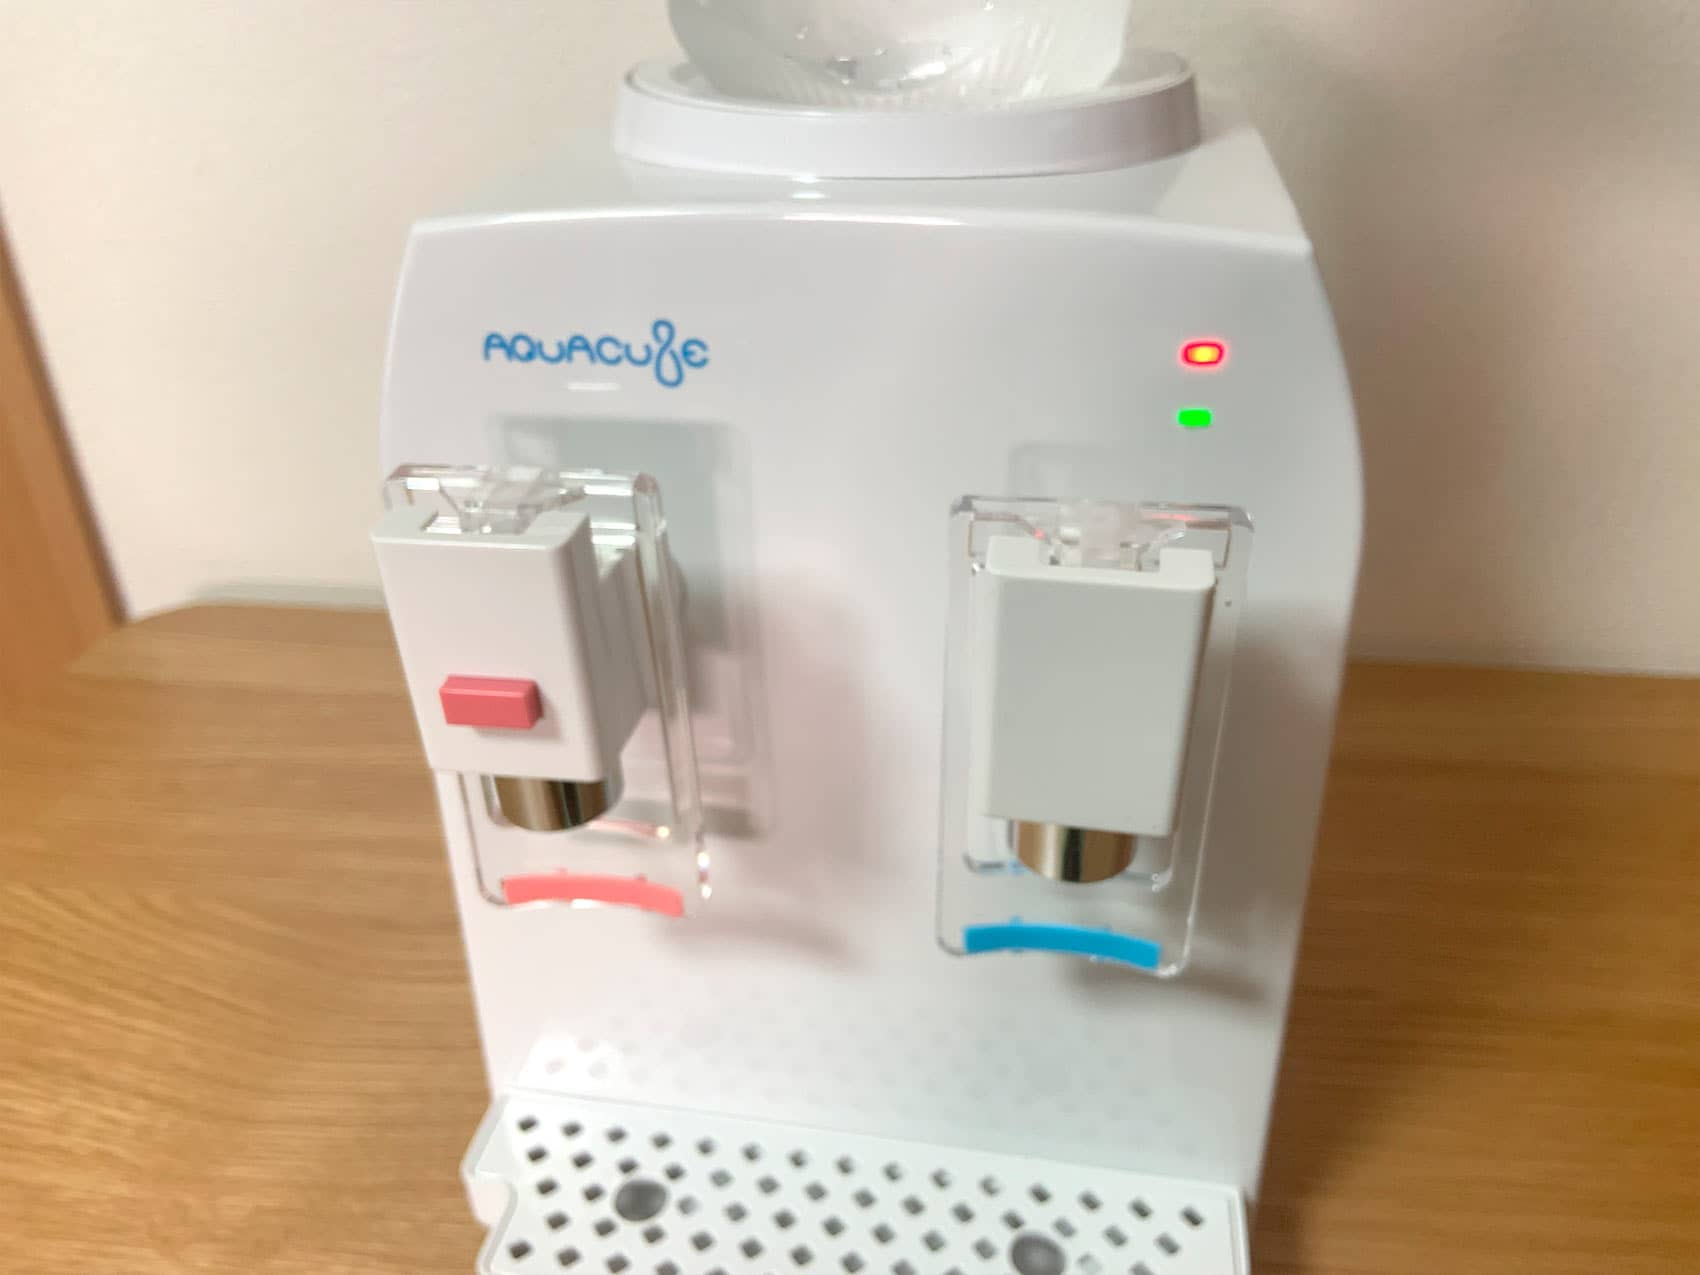 「AQUACUBE2」の冷水・温水ランプが付いている写真